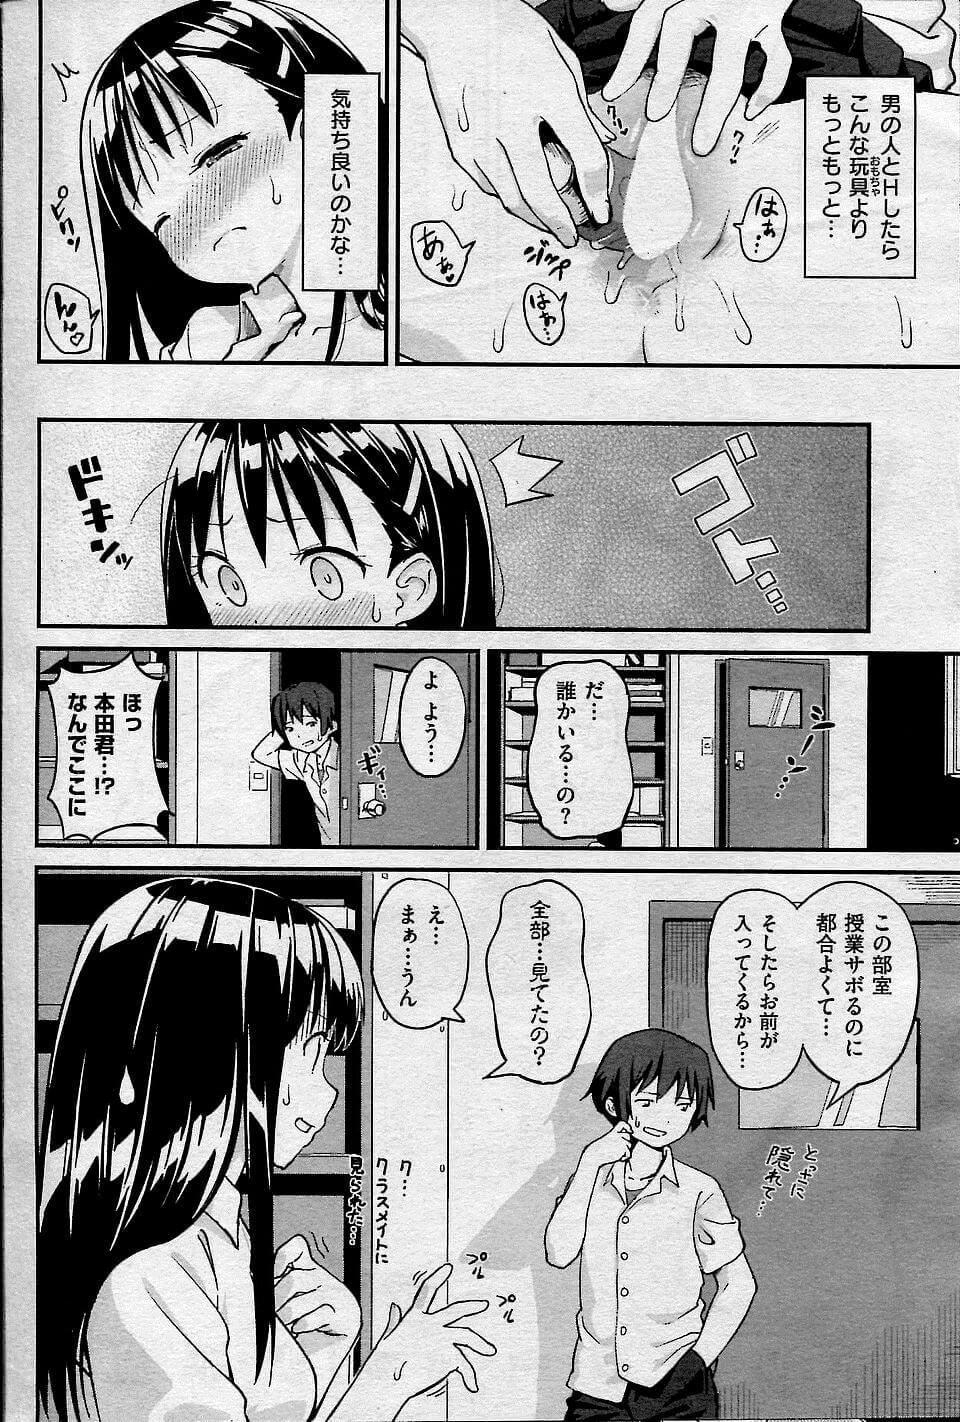 【エロ漫画】エッチに興味津々のJKが学校でバイブでオナニーしてる所をクラスメイトに見られて…!【無料 エロ同人】 (2)